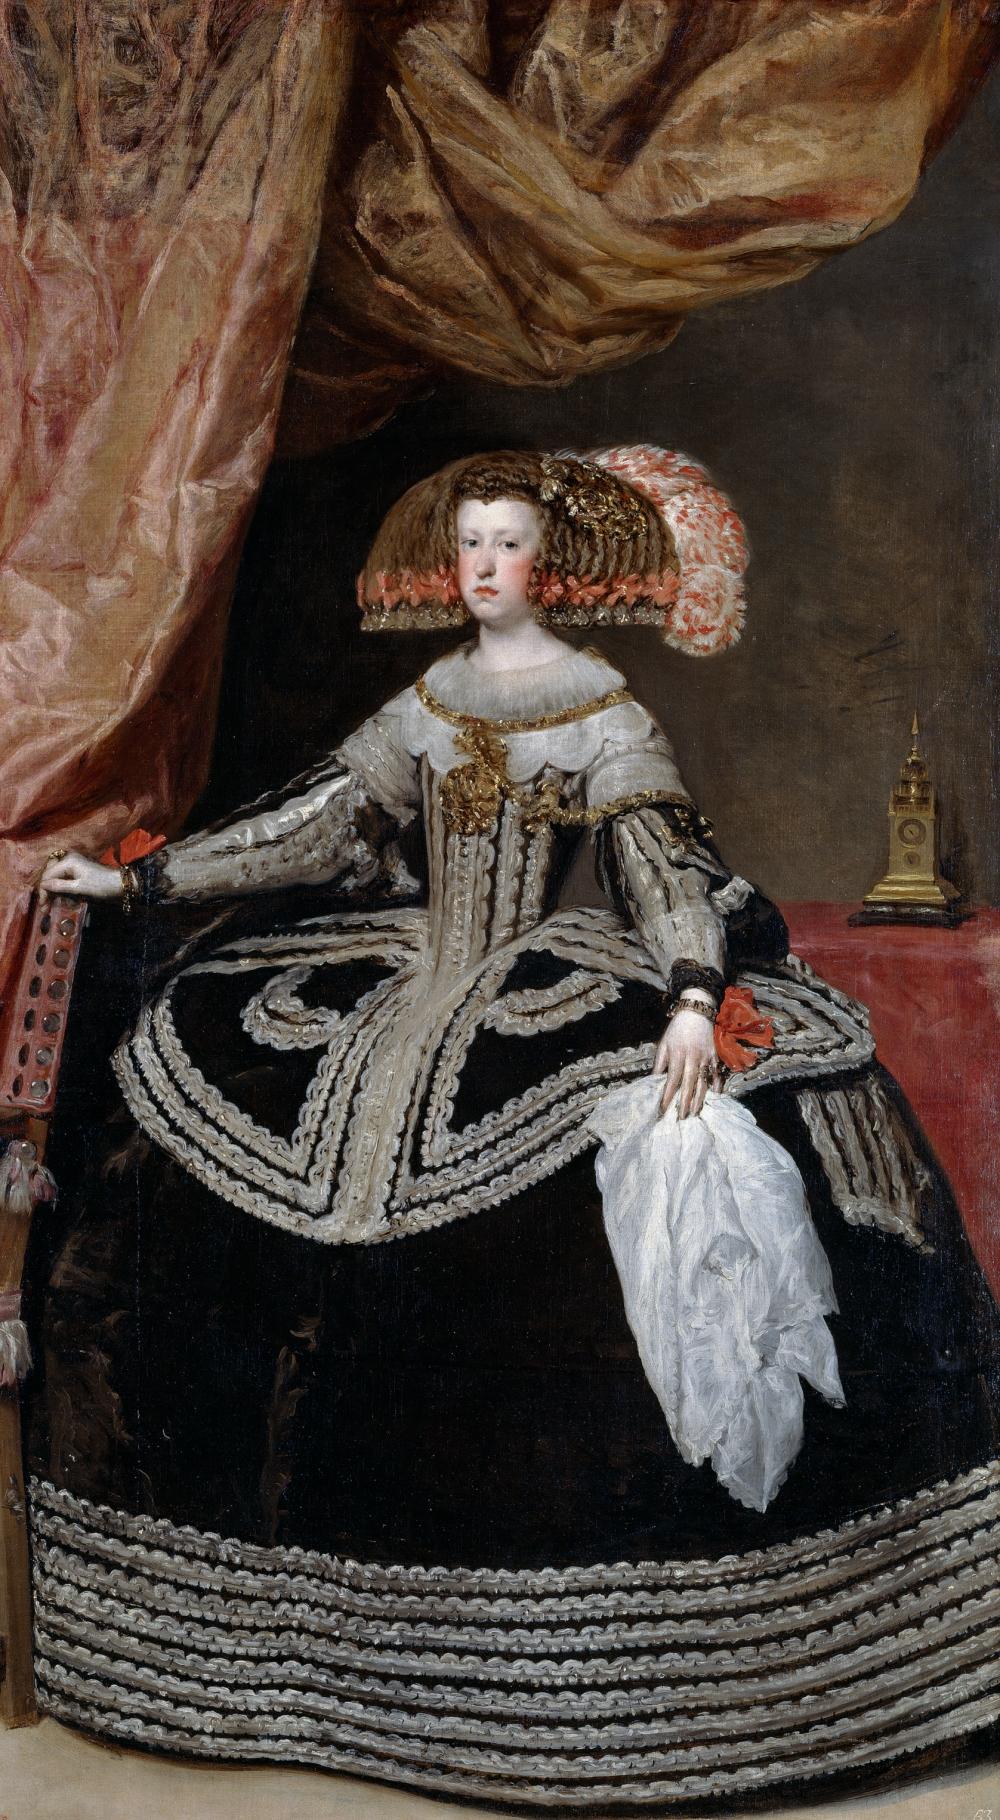 Diego Velázquez. Mariana de Austria, reina de España. Hacia 1652. Museo del Prado. Madrid.